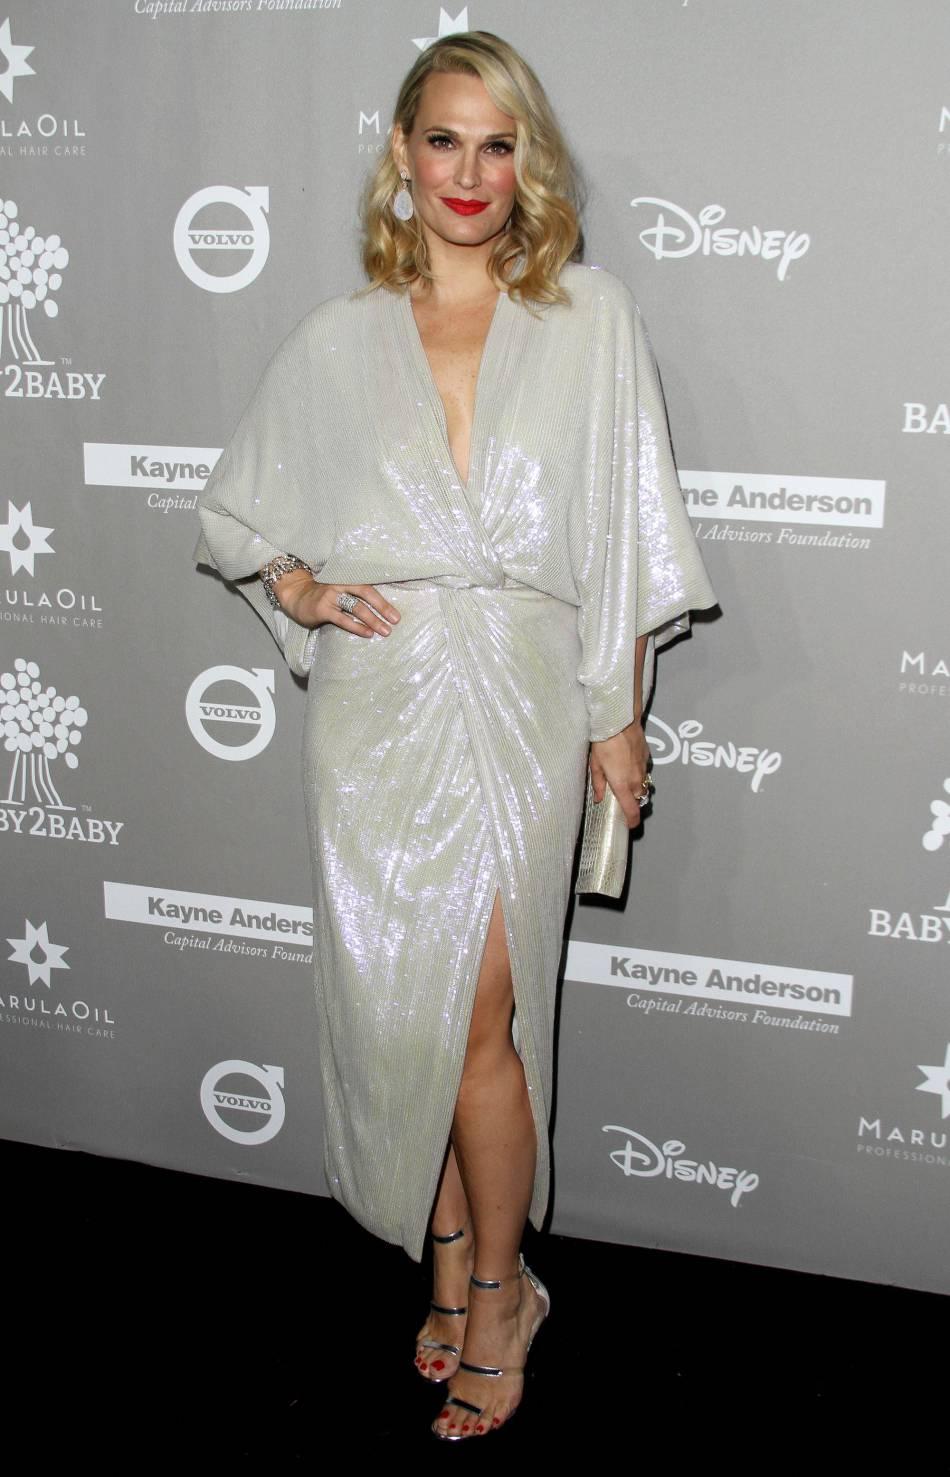 Molly Sims dans une robe Diane Von Furstenberg et chaussée par Tamara Mellon lors du gala Baby2Baby à Los Angeles le 14 novembre 2015.